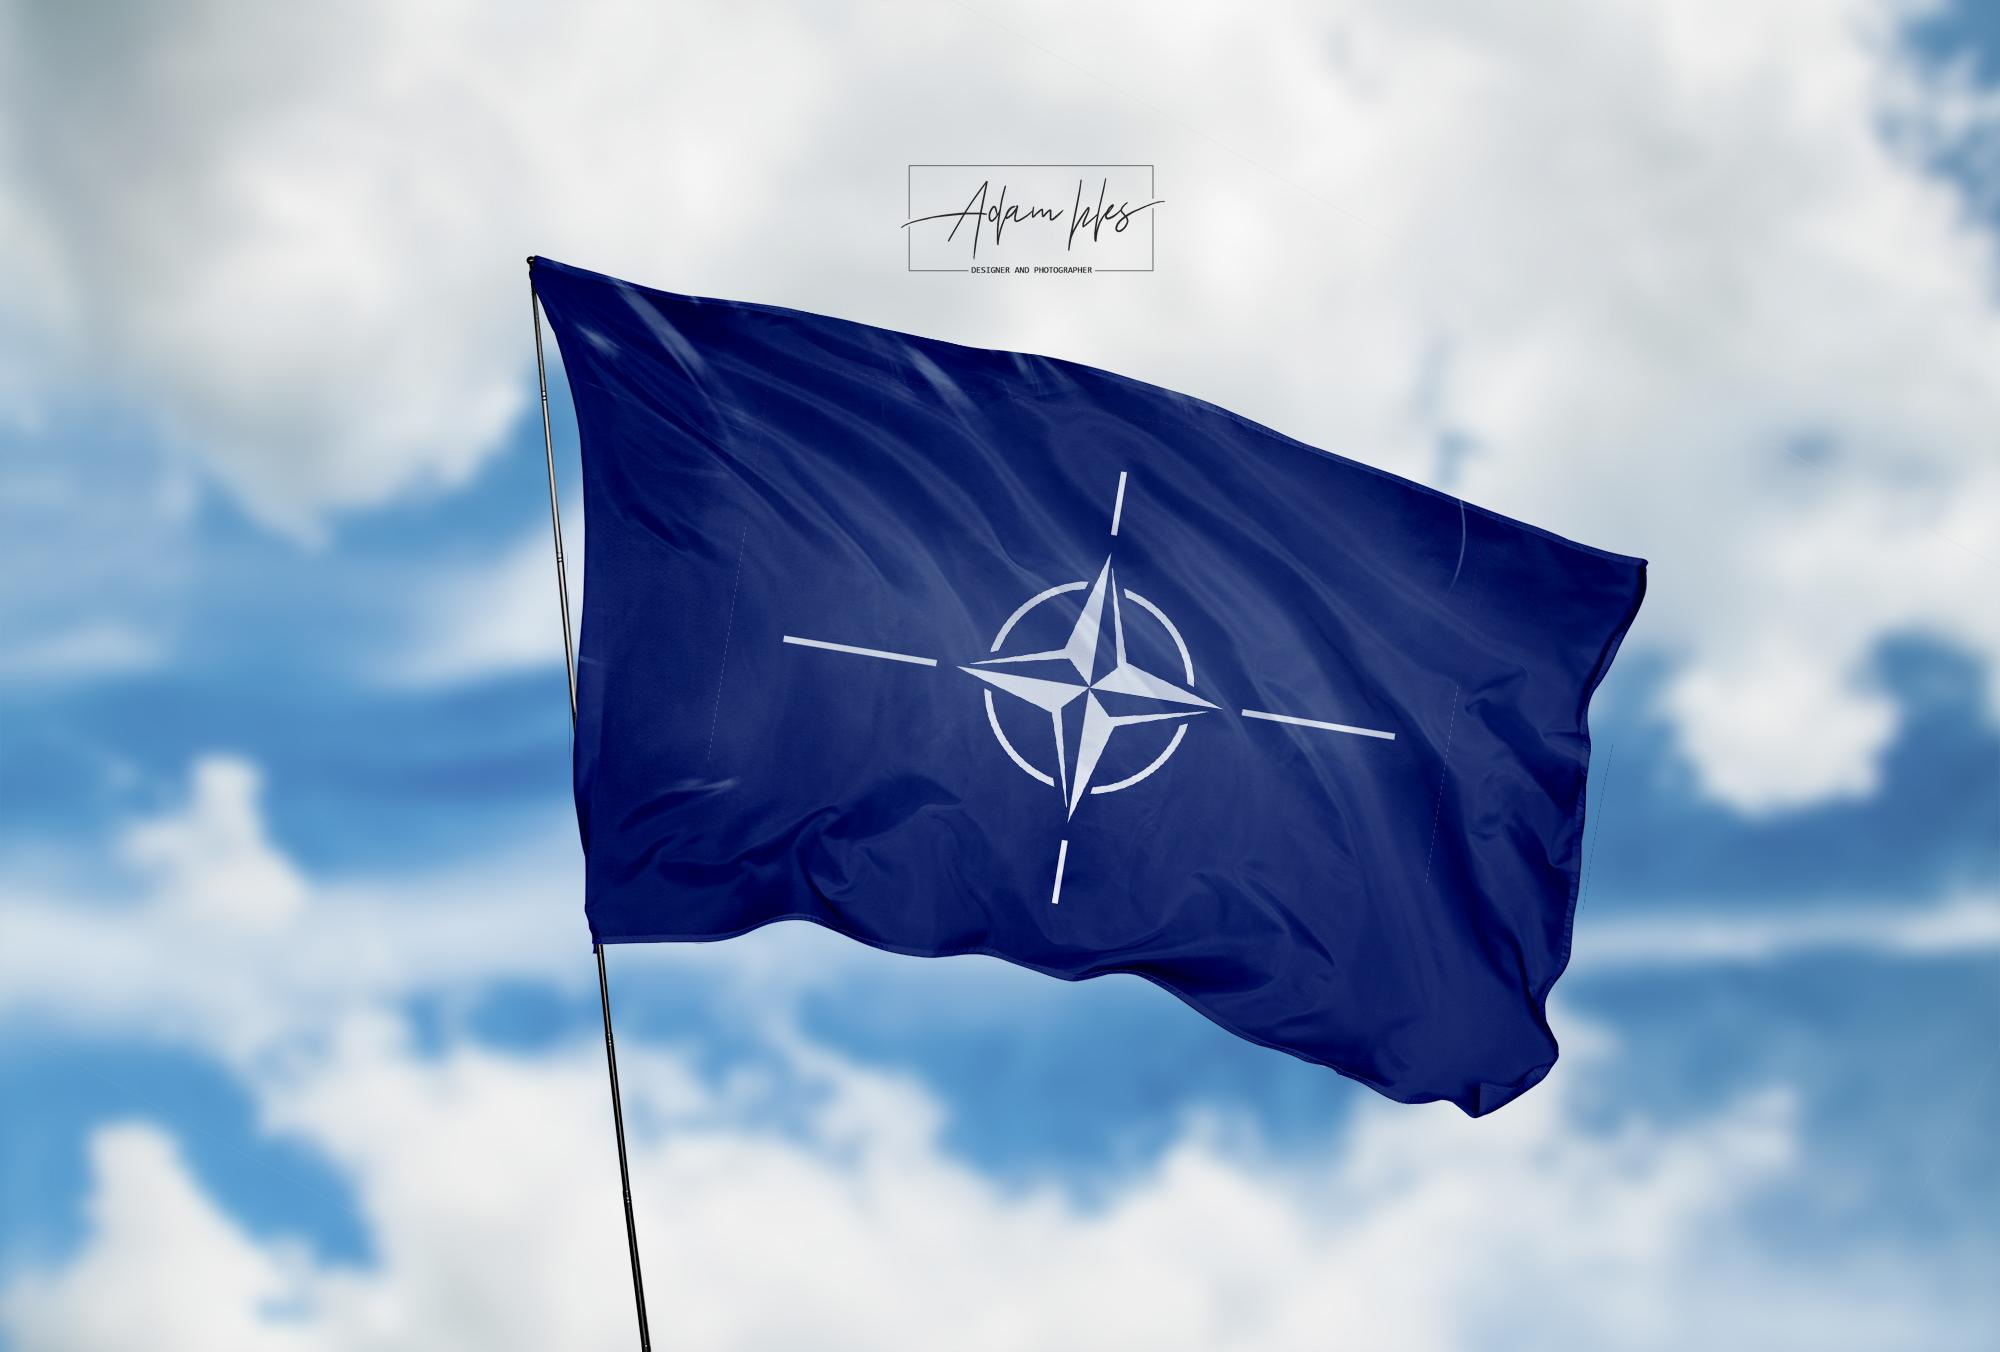 تحميل اجمل خلفية حلف الناتو خلفية علم حلف الناتو يرفرف في السماء 4K